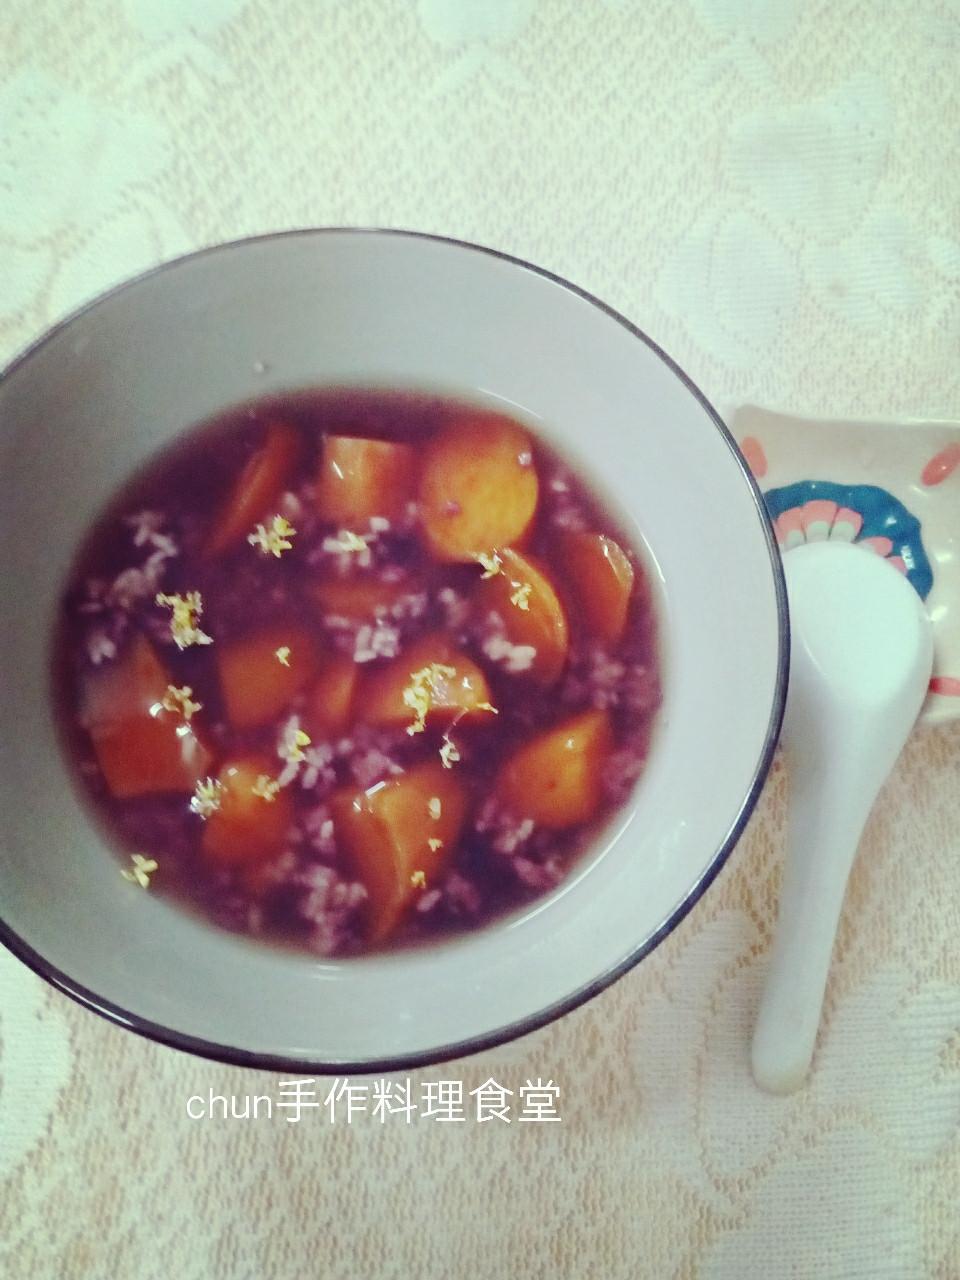 桂花酒釀紫米蕃薯-38度金門高梁酒